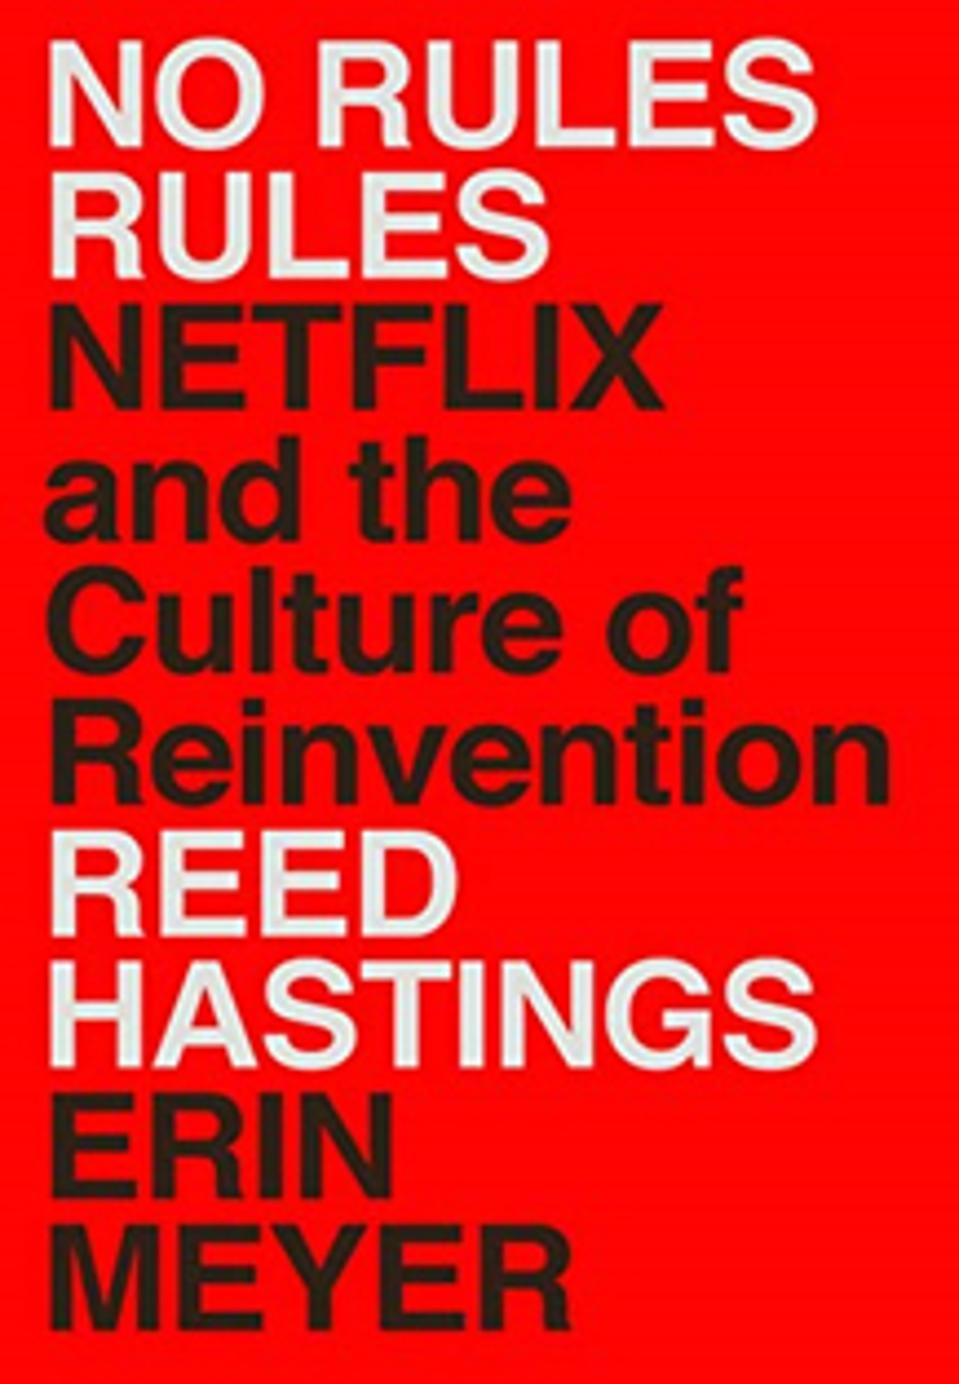 Netflix: No Rules Rules